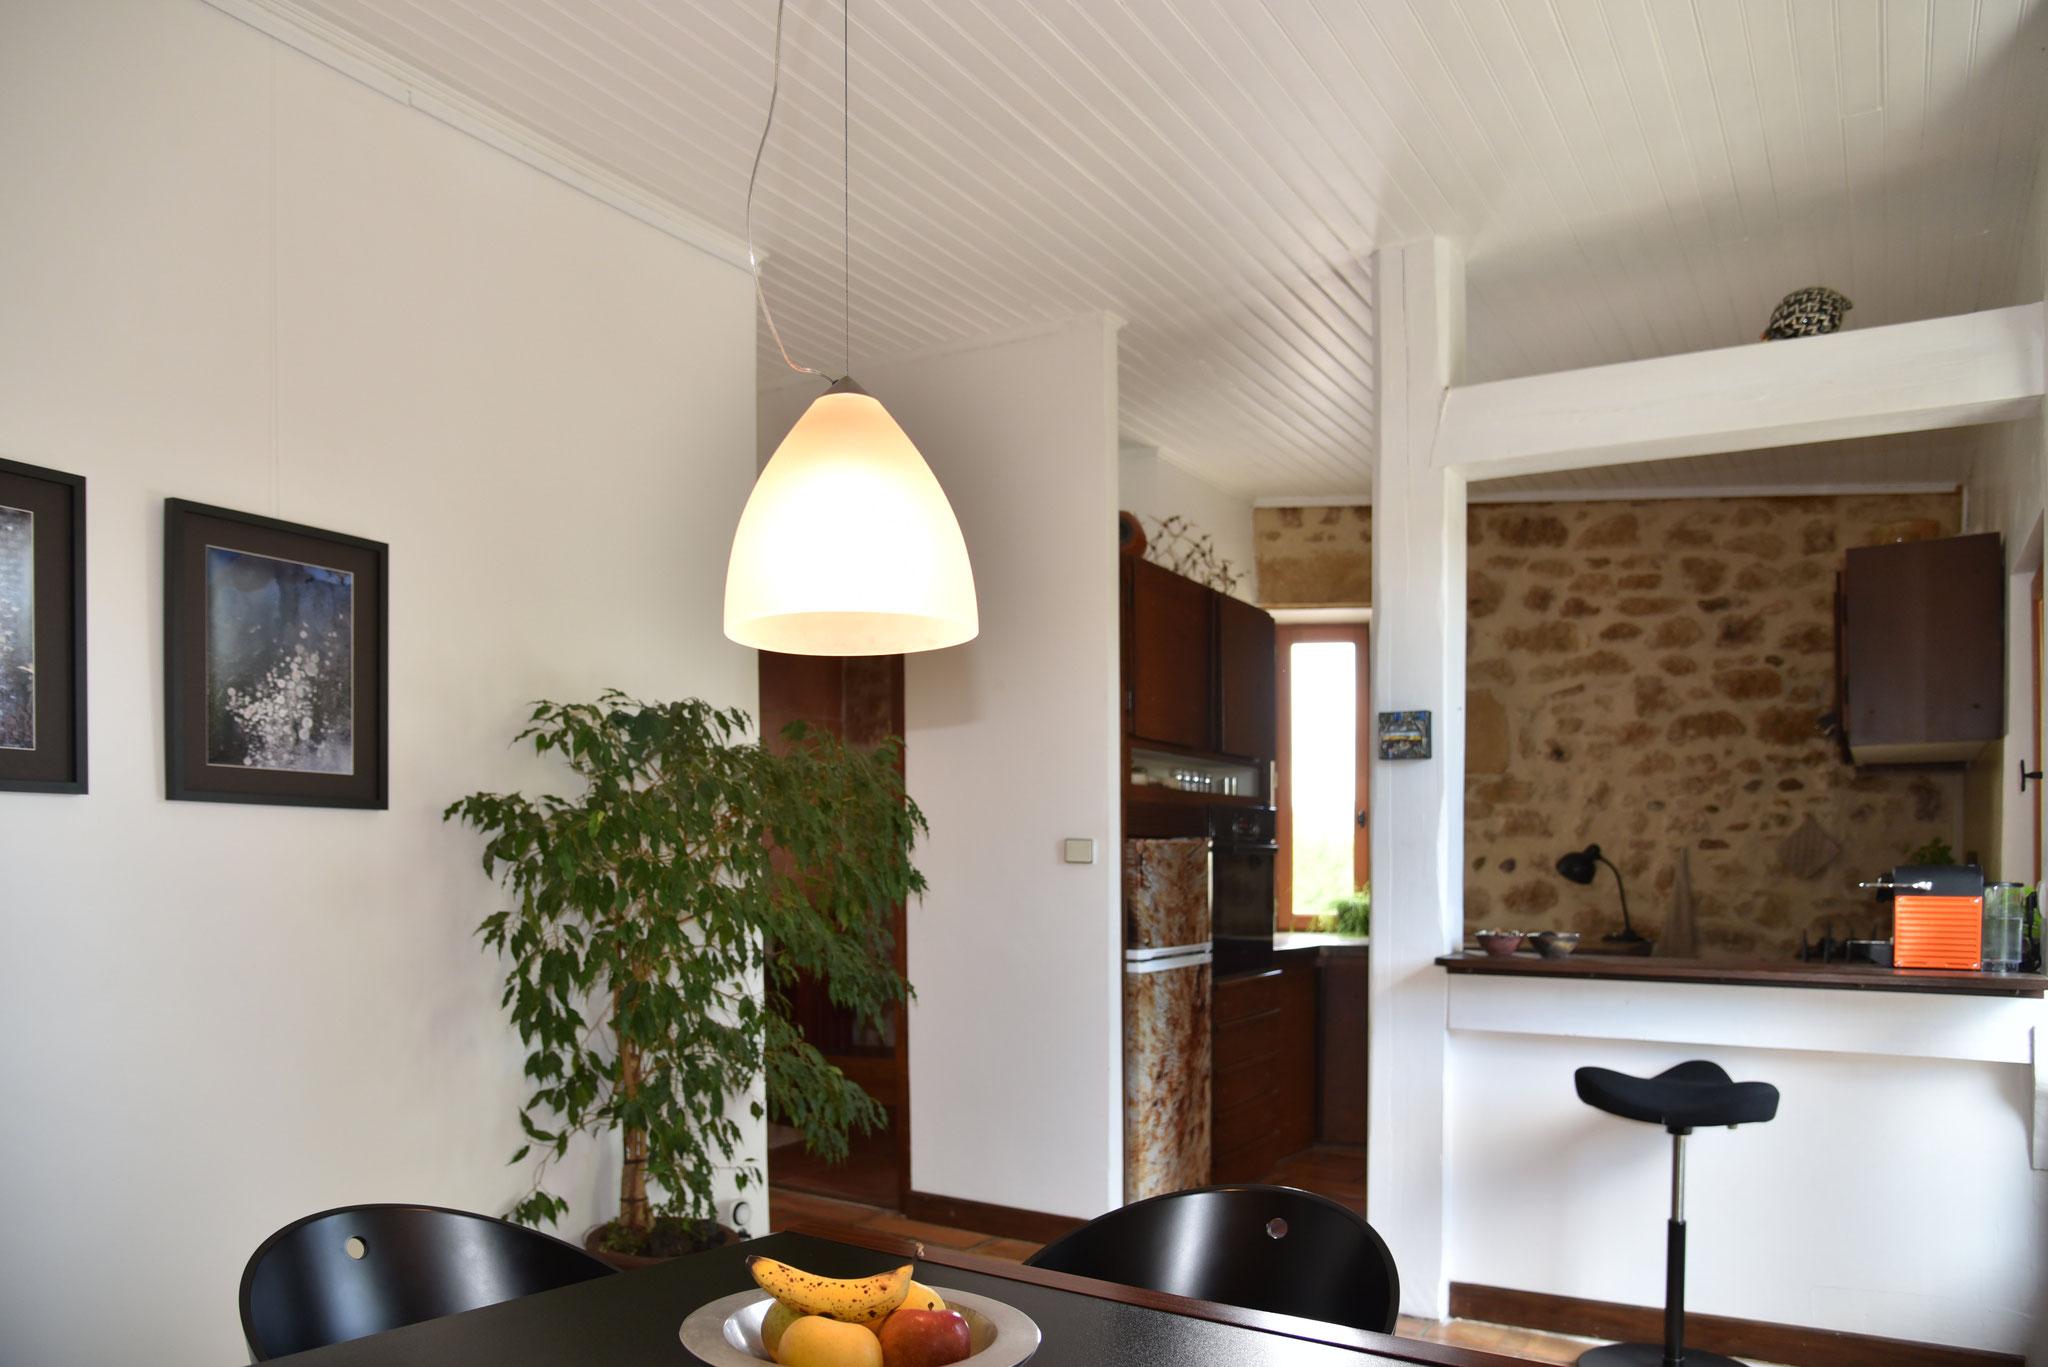 La Folie - Küche und Esszimmer, Zugang zum Bad im EG